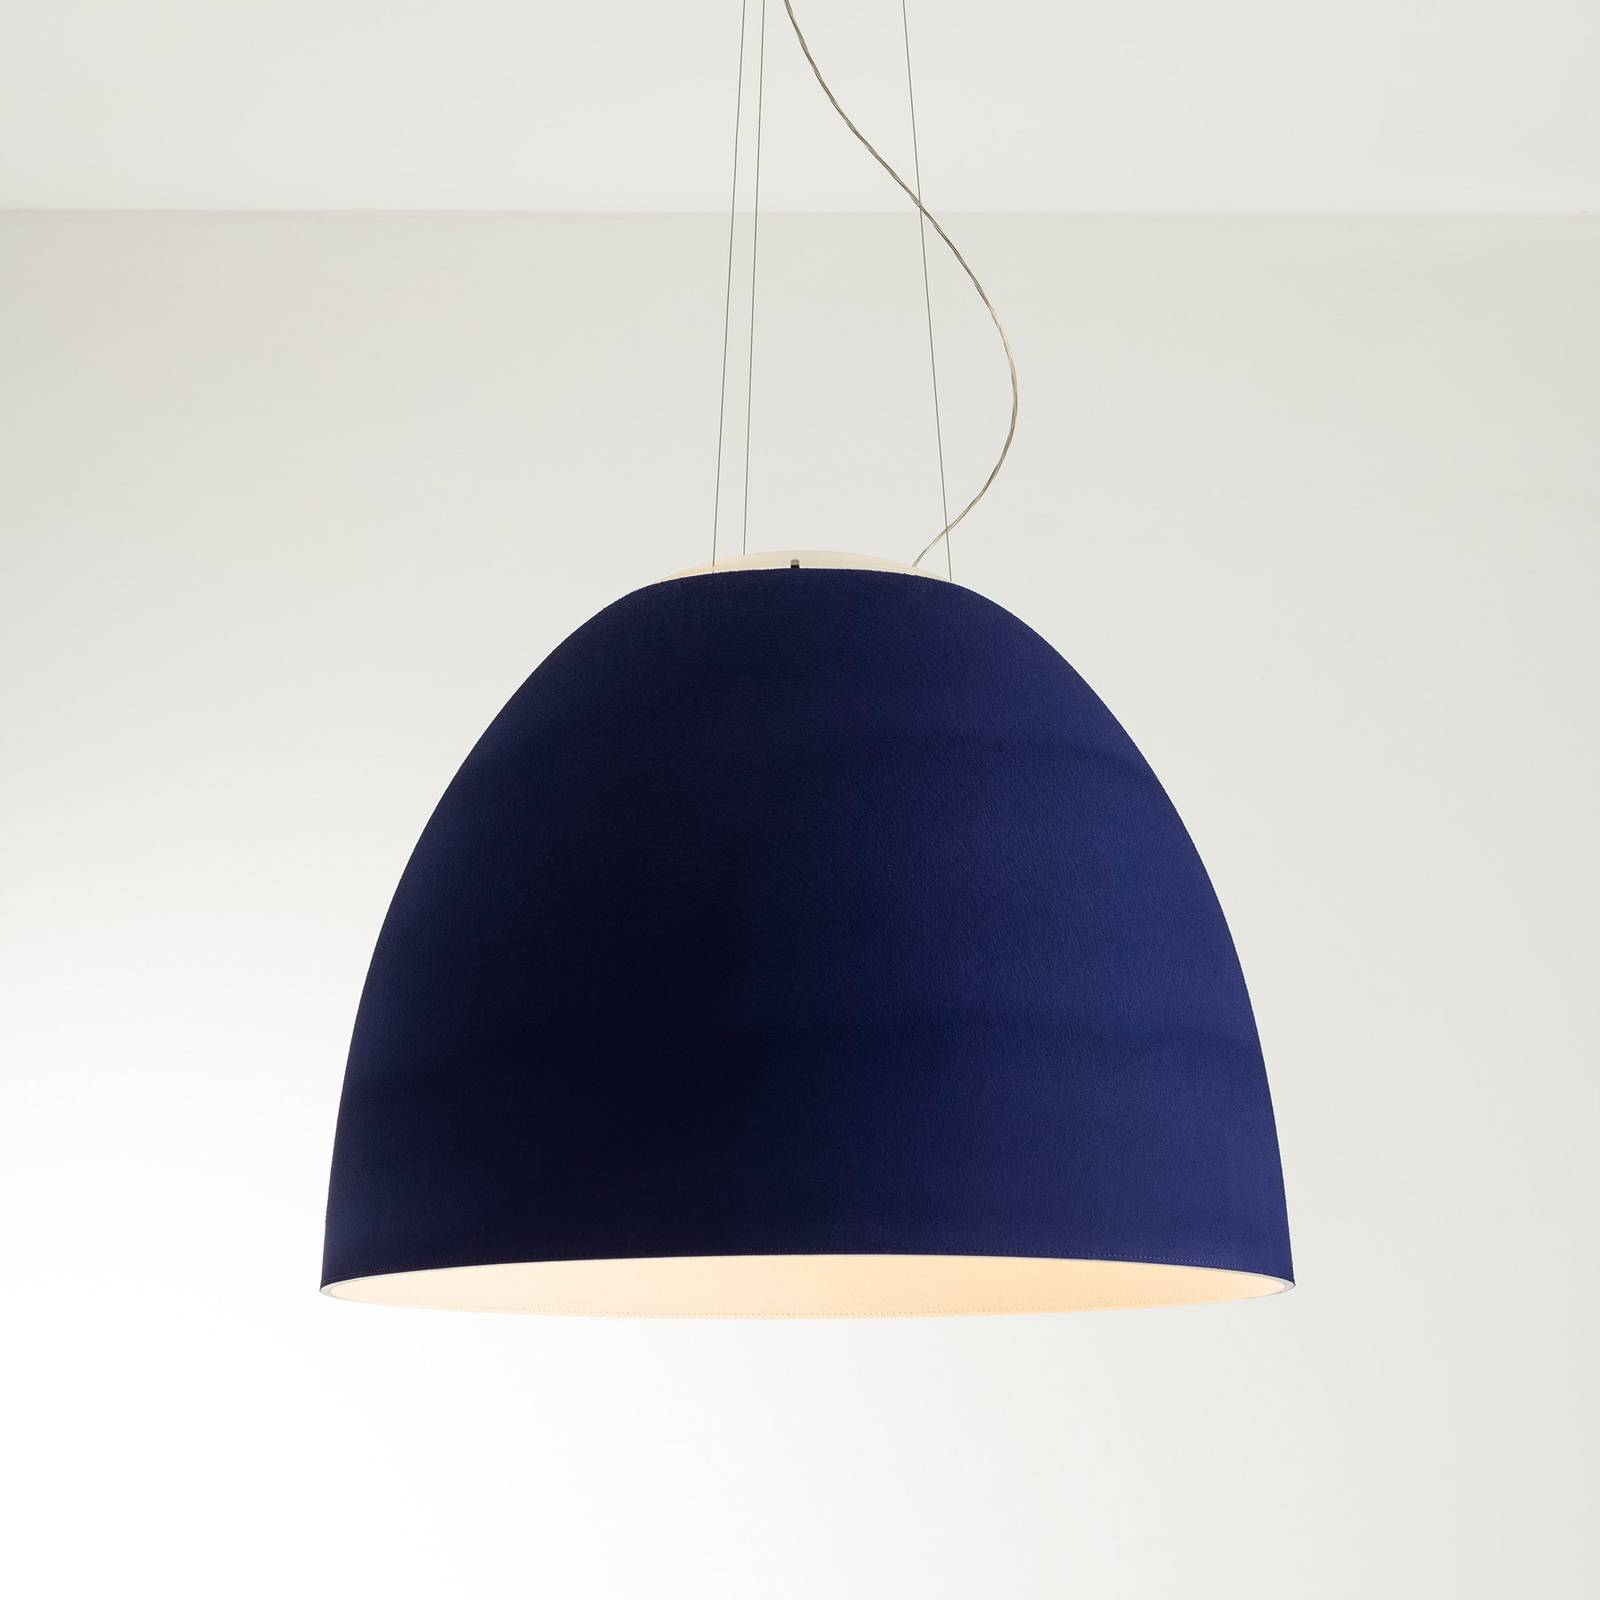 Artemide Nur Acoustic LED-Hängeleuchte, blau